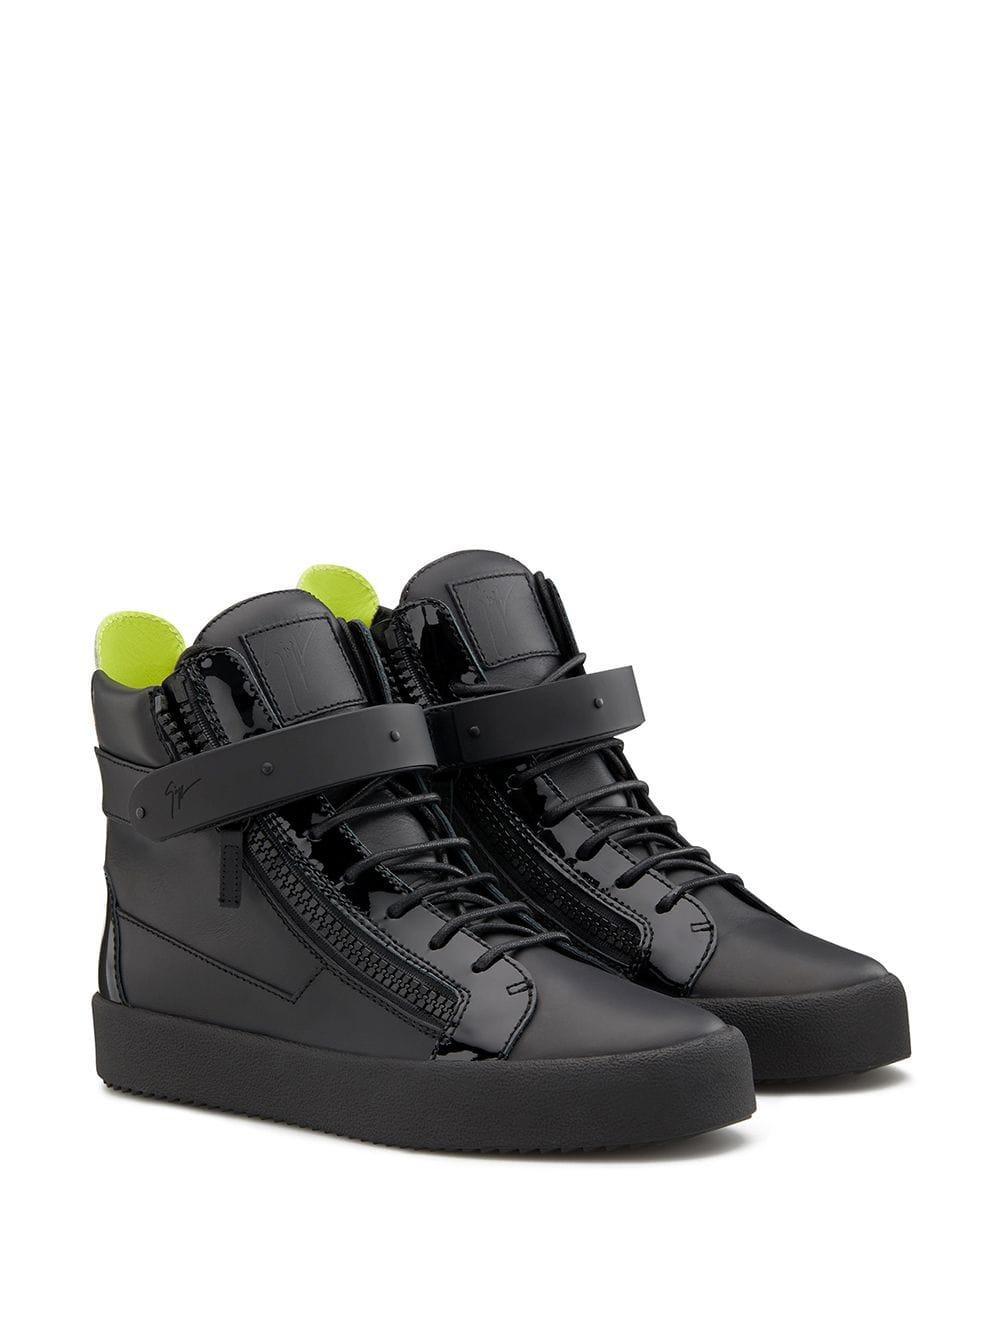 Giuseppe Zanotti Addy Sneakers in het Zwart voor heren